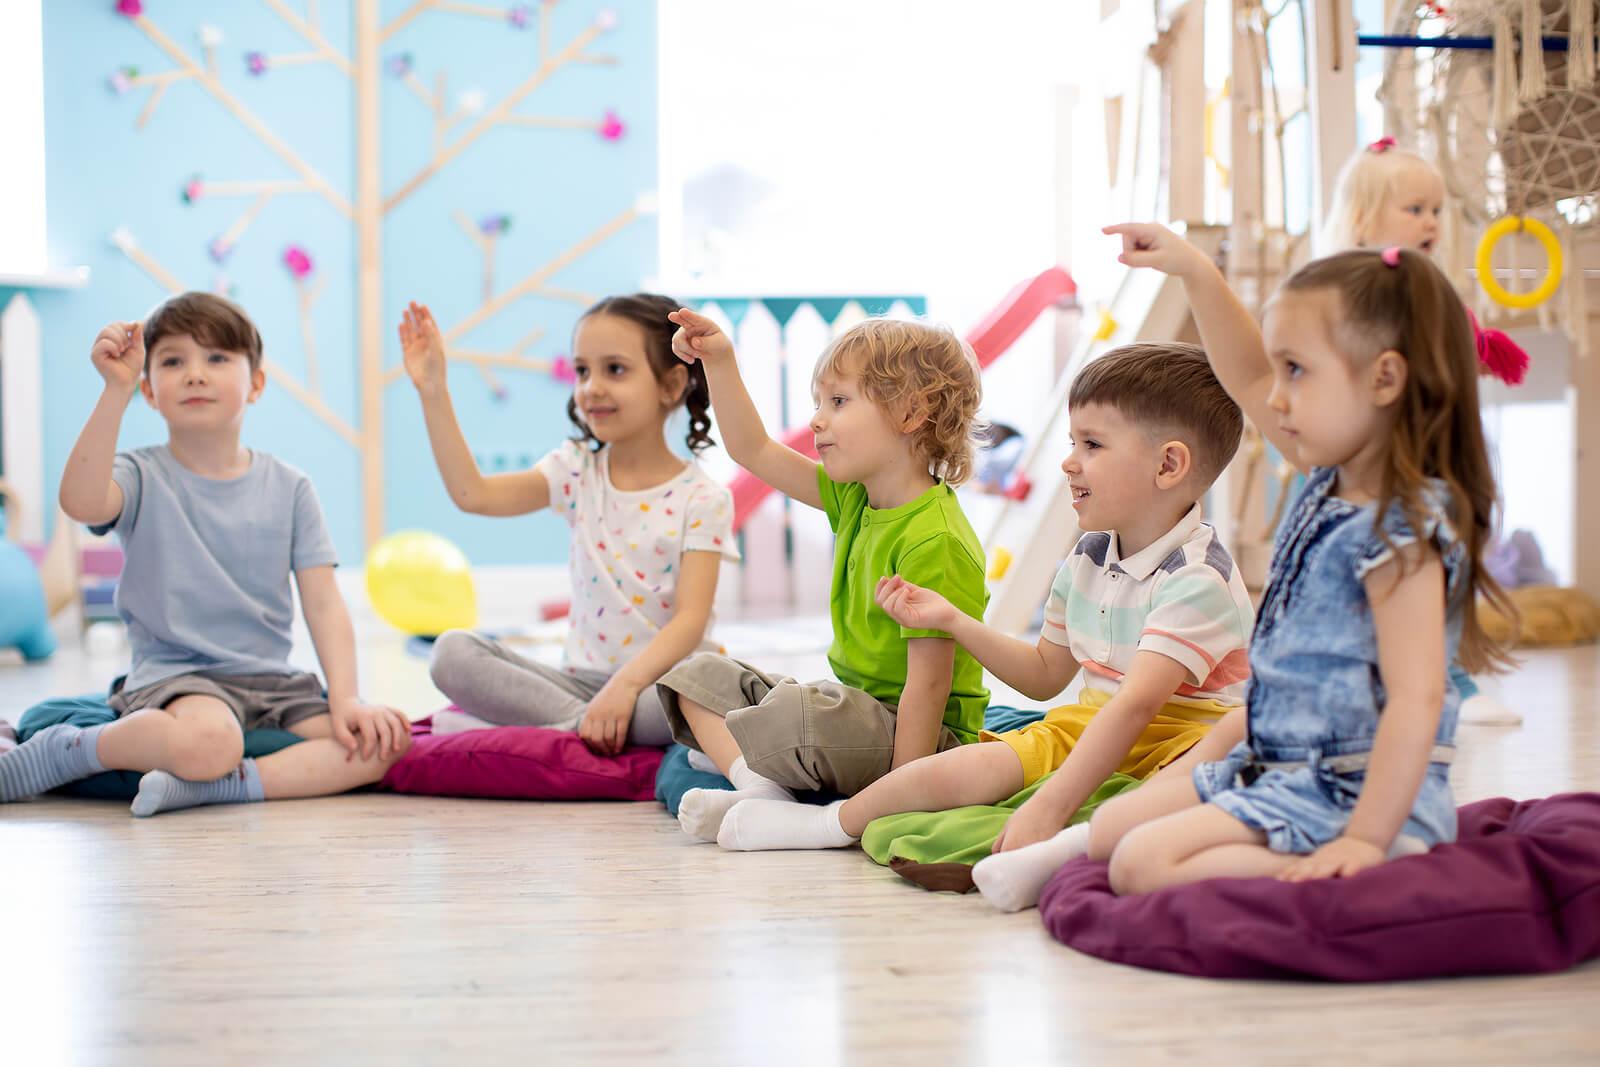 Niño haciendo el círculo mágico para la resolución de conflictos.